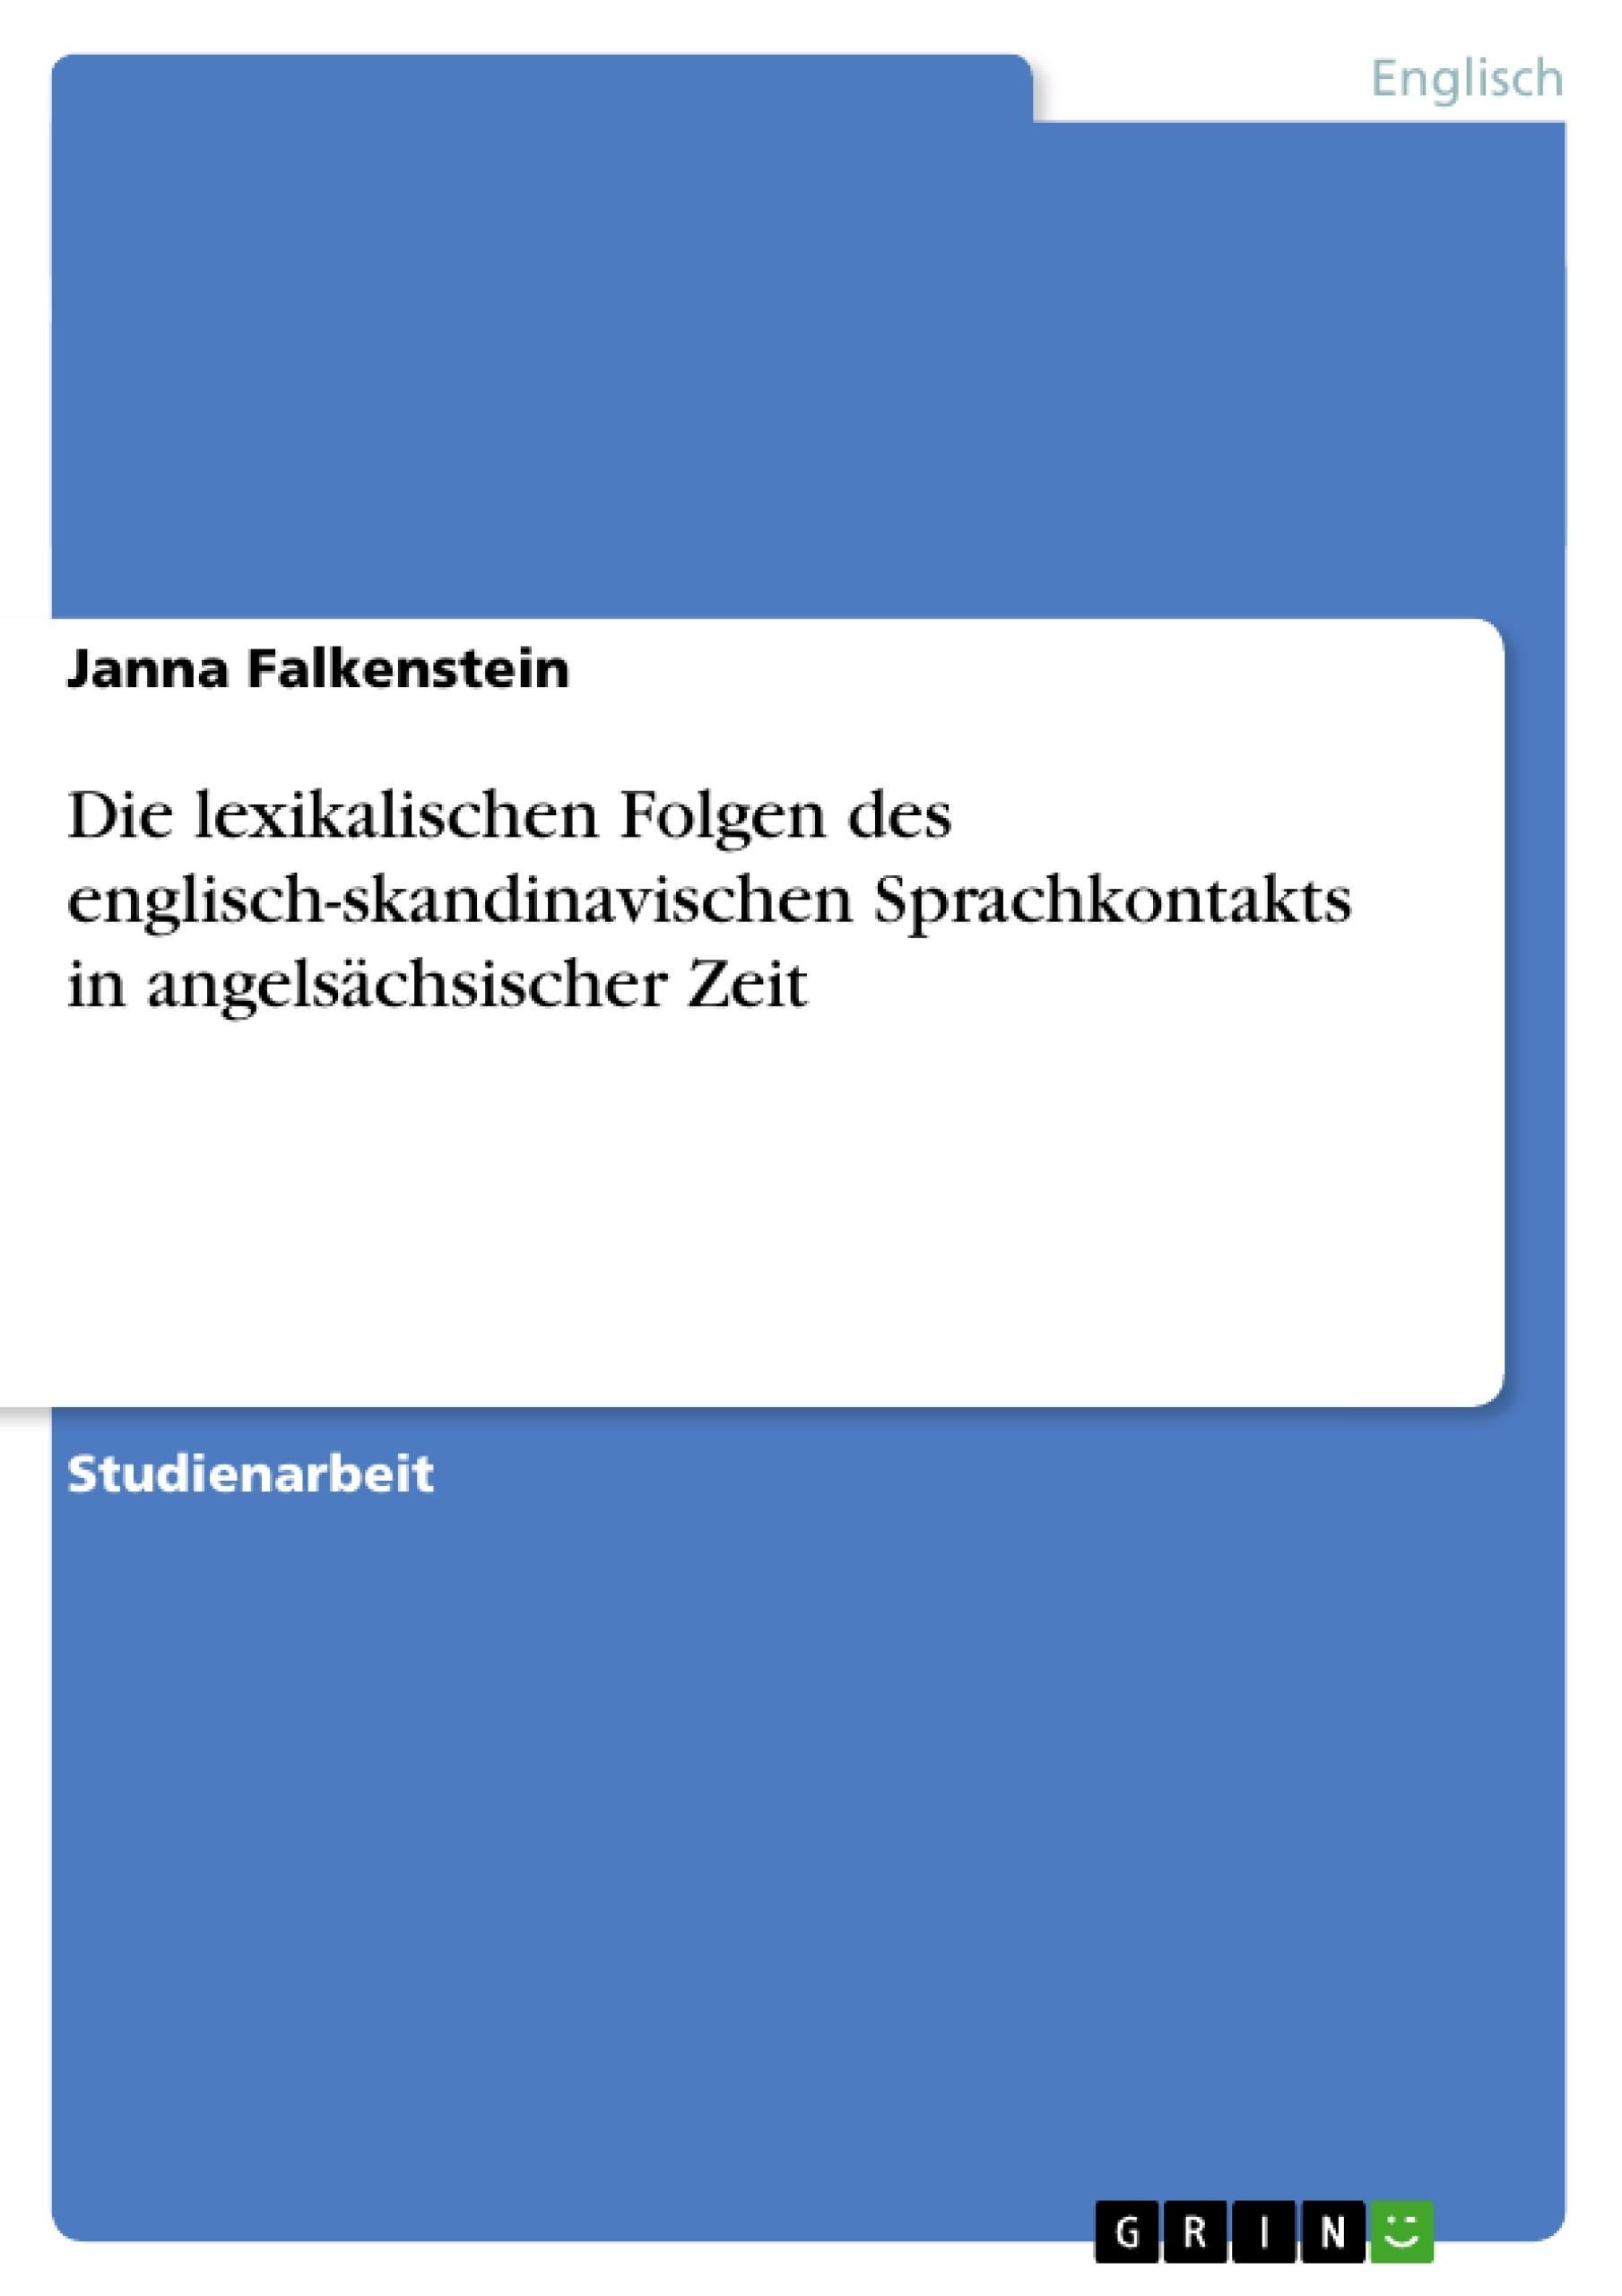 GRIN - Die lexikalischen Folgen des englisch-skandinavischen Sprachkontakts  in angelsächsischer Zeit